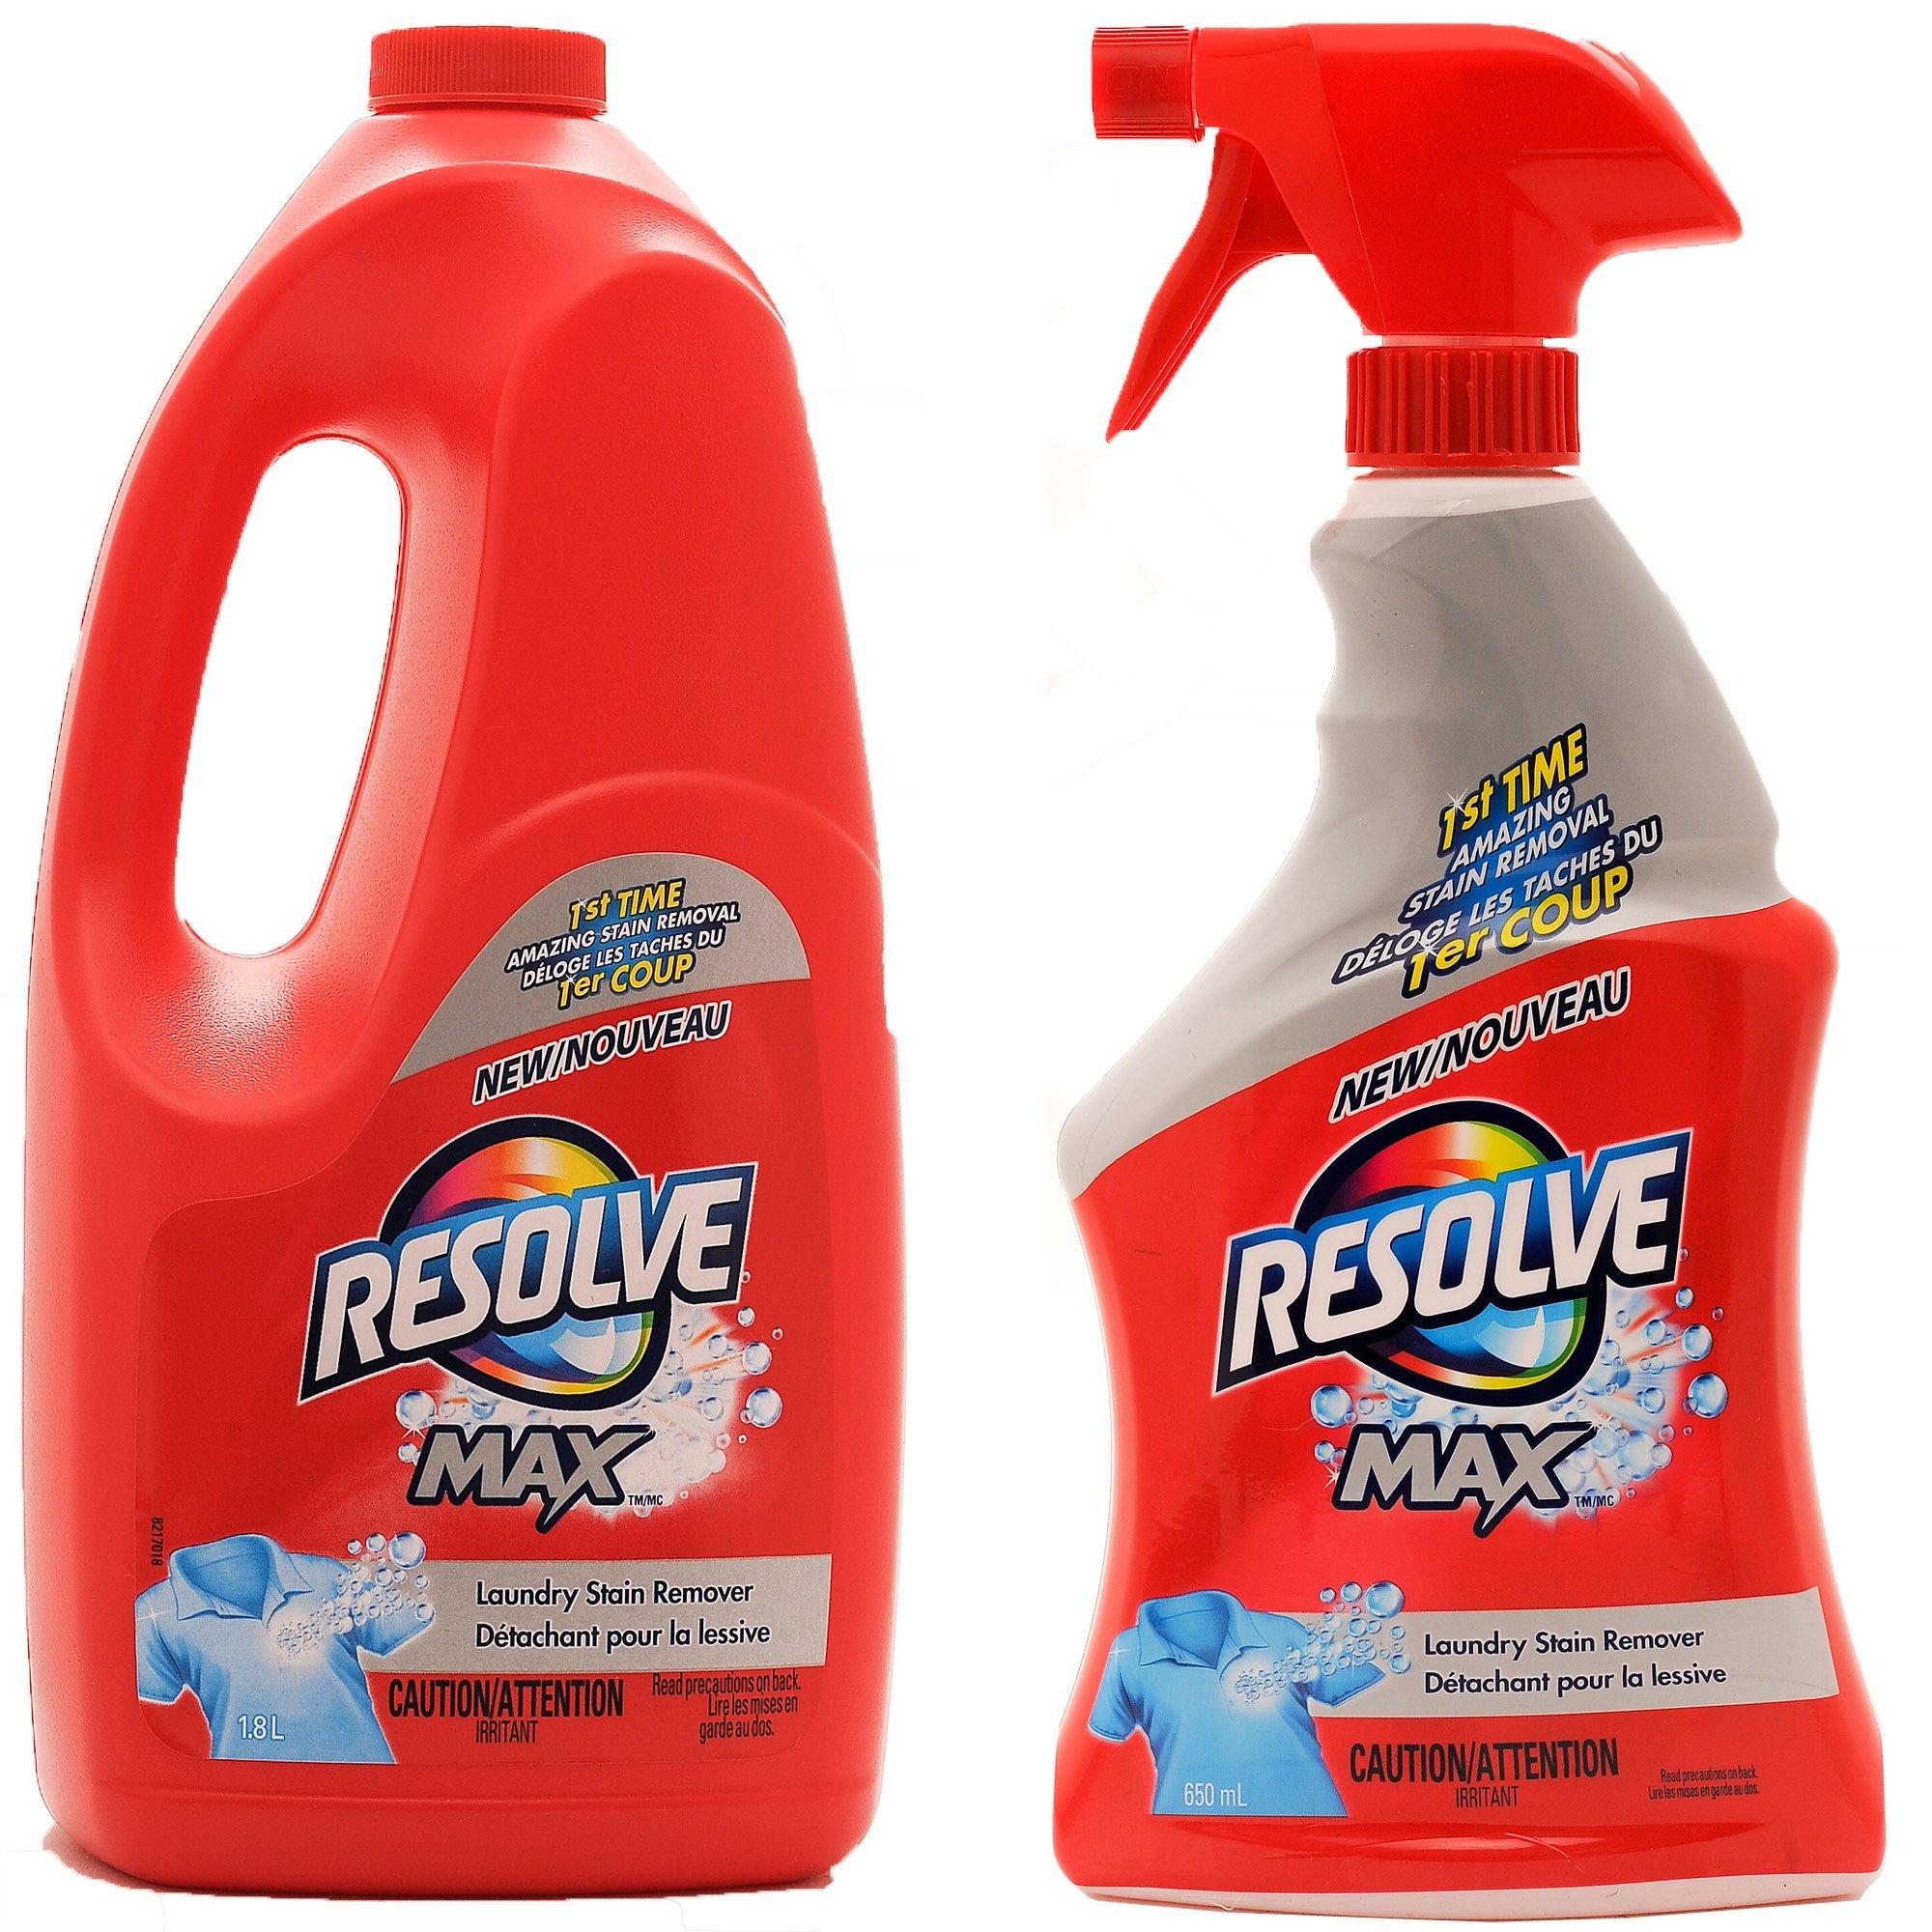 Resolve Max (Spray 'N Wash) Trigger & Refill Mega Value Pack, 22 fl.oz Trigger + 61 fl. oz. Refill (Total 83 fl. oz.)